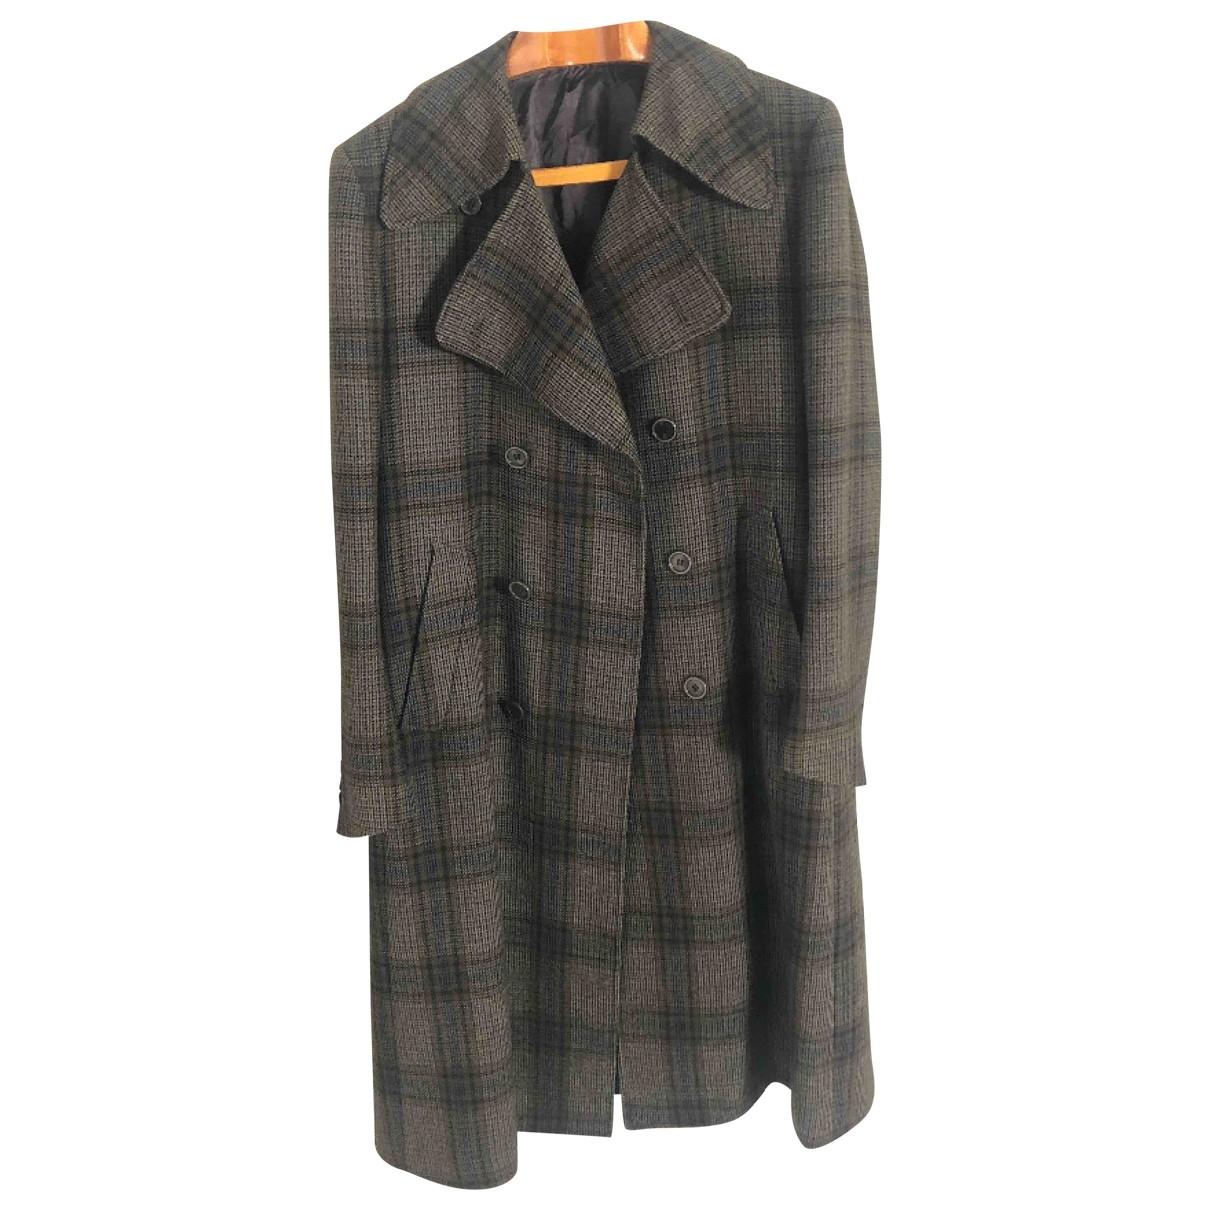 Givenchy - Manteau   pour homme en laine - marron